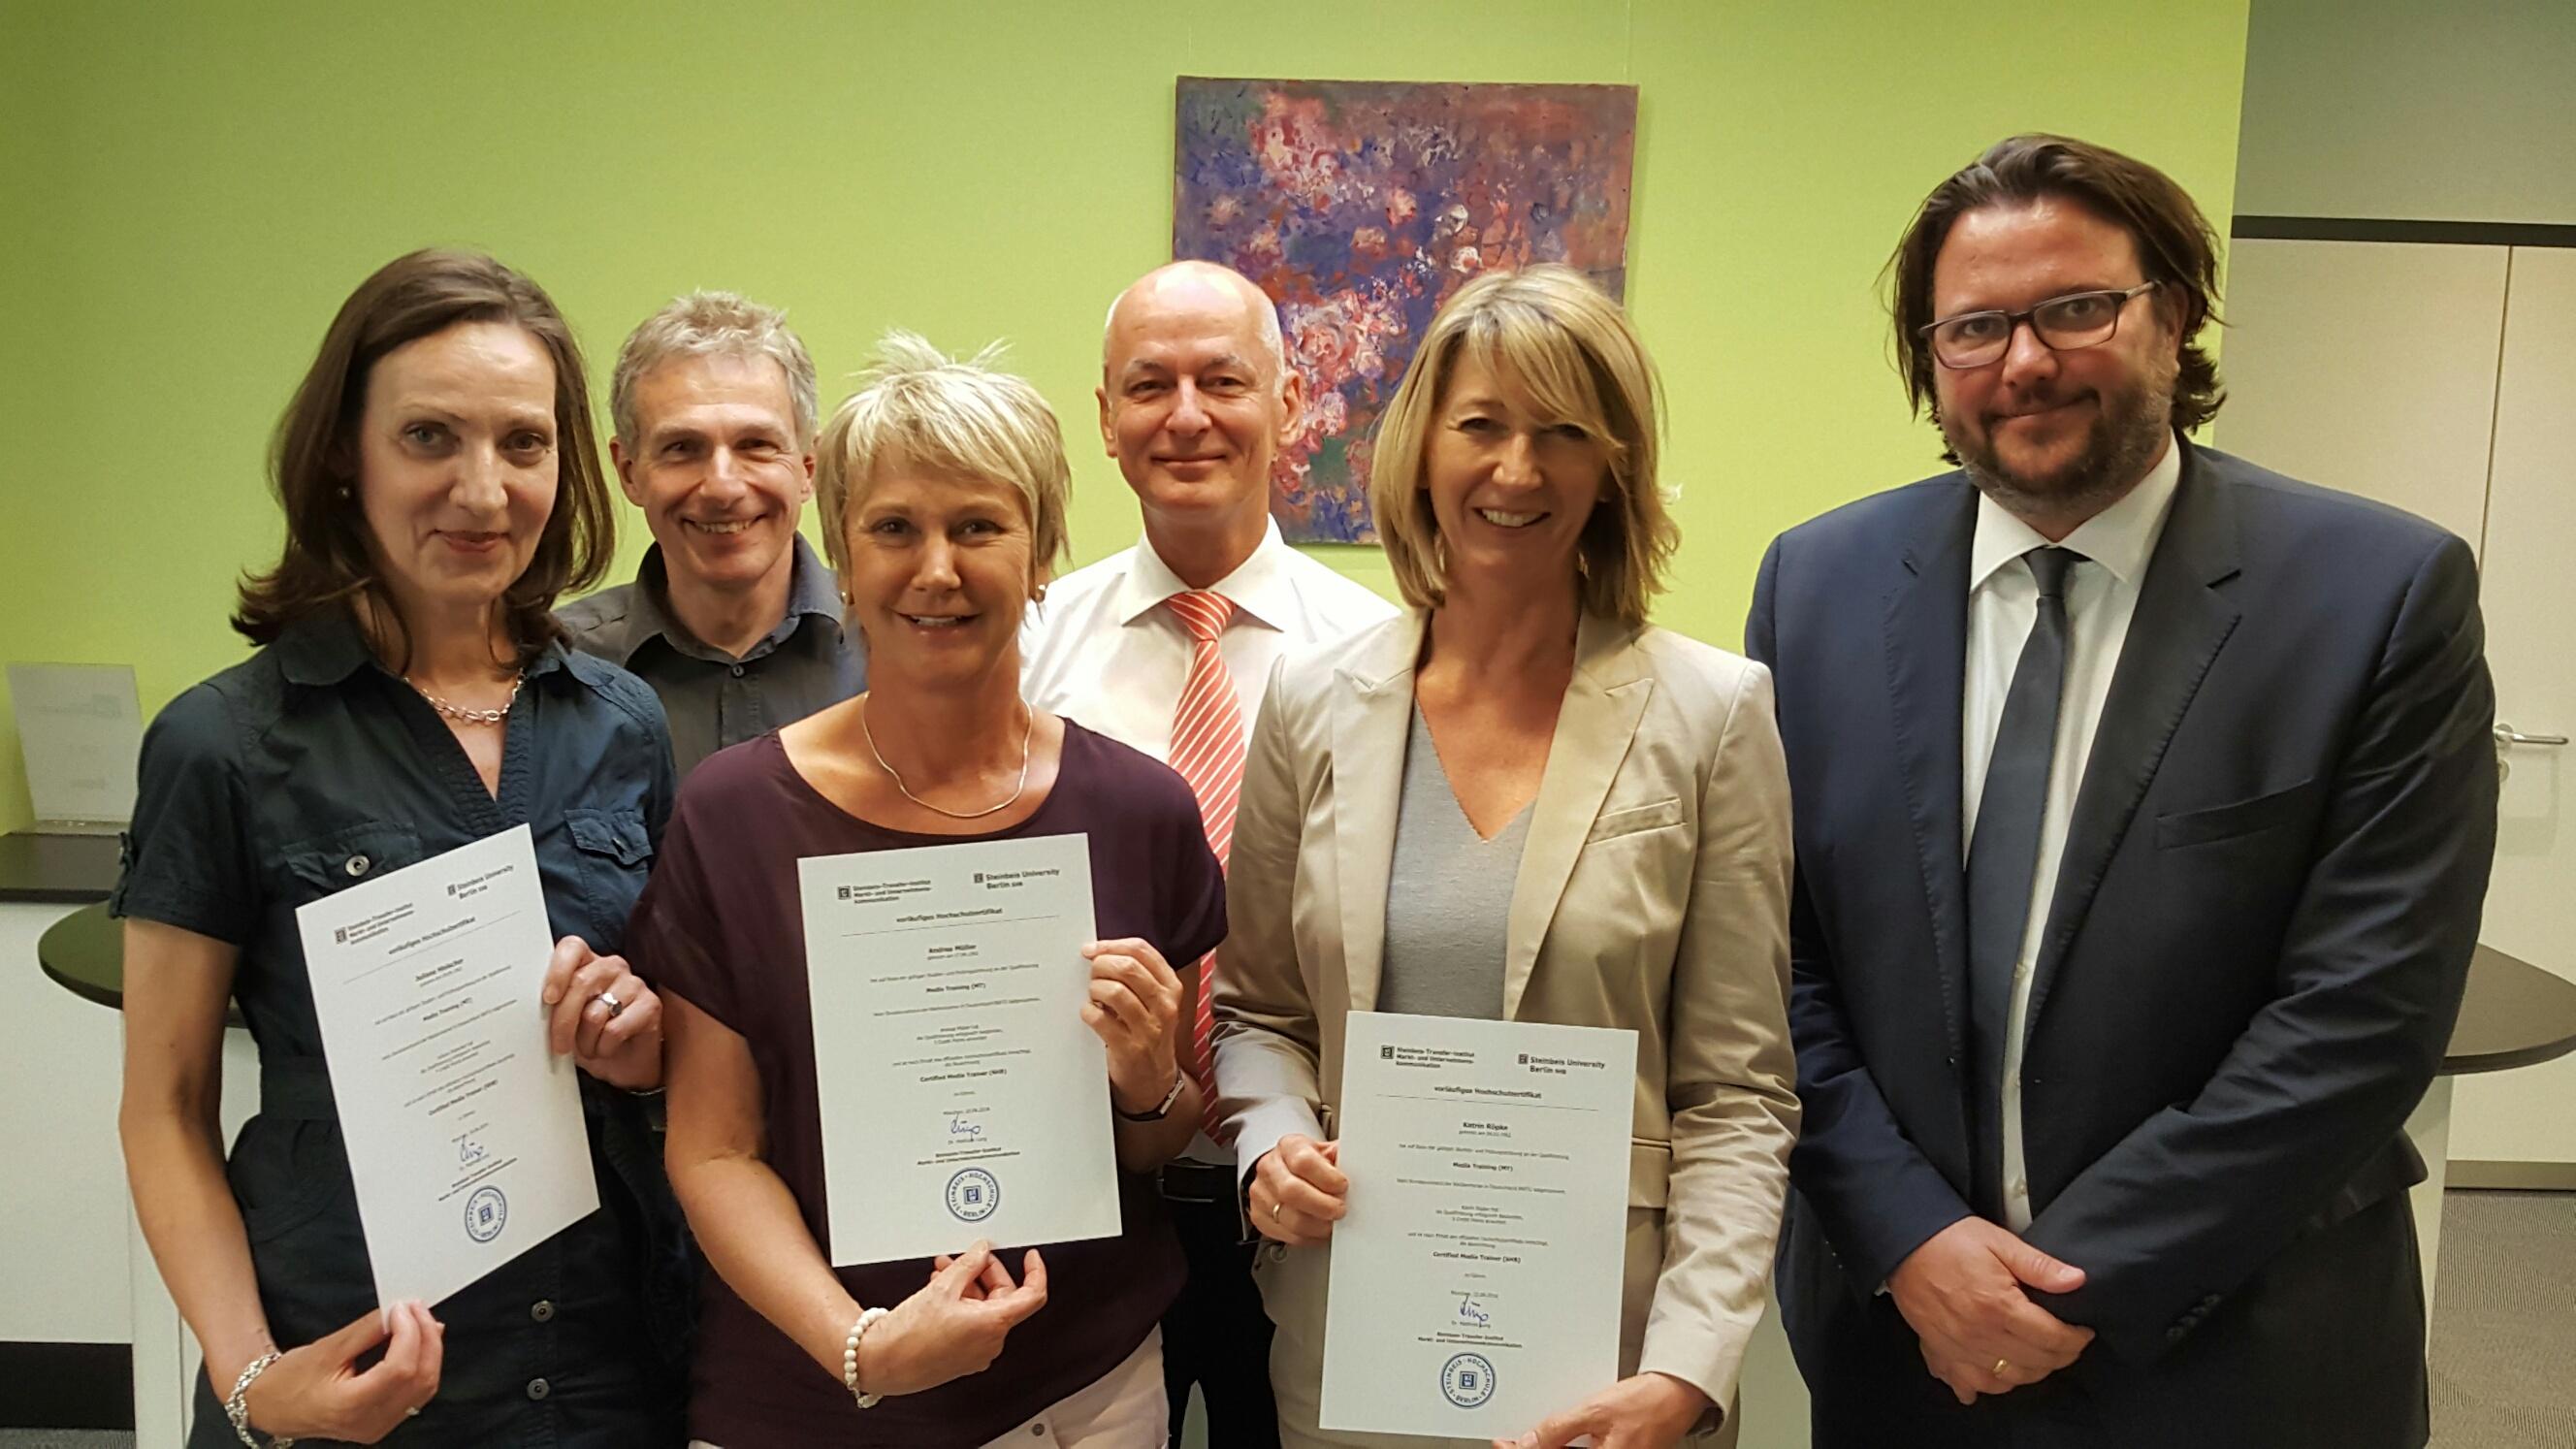 Erfolgreicher Abschluß: Andrea Müller ist eine von nur 9 zertifizierten Medientrainerinnen (nach Steinbeis Hochschule Berlin) in ganz Deutschland, Juni 2016